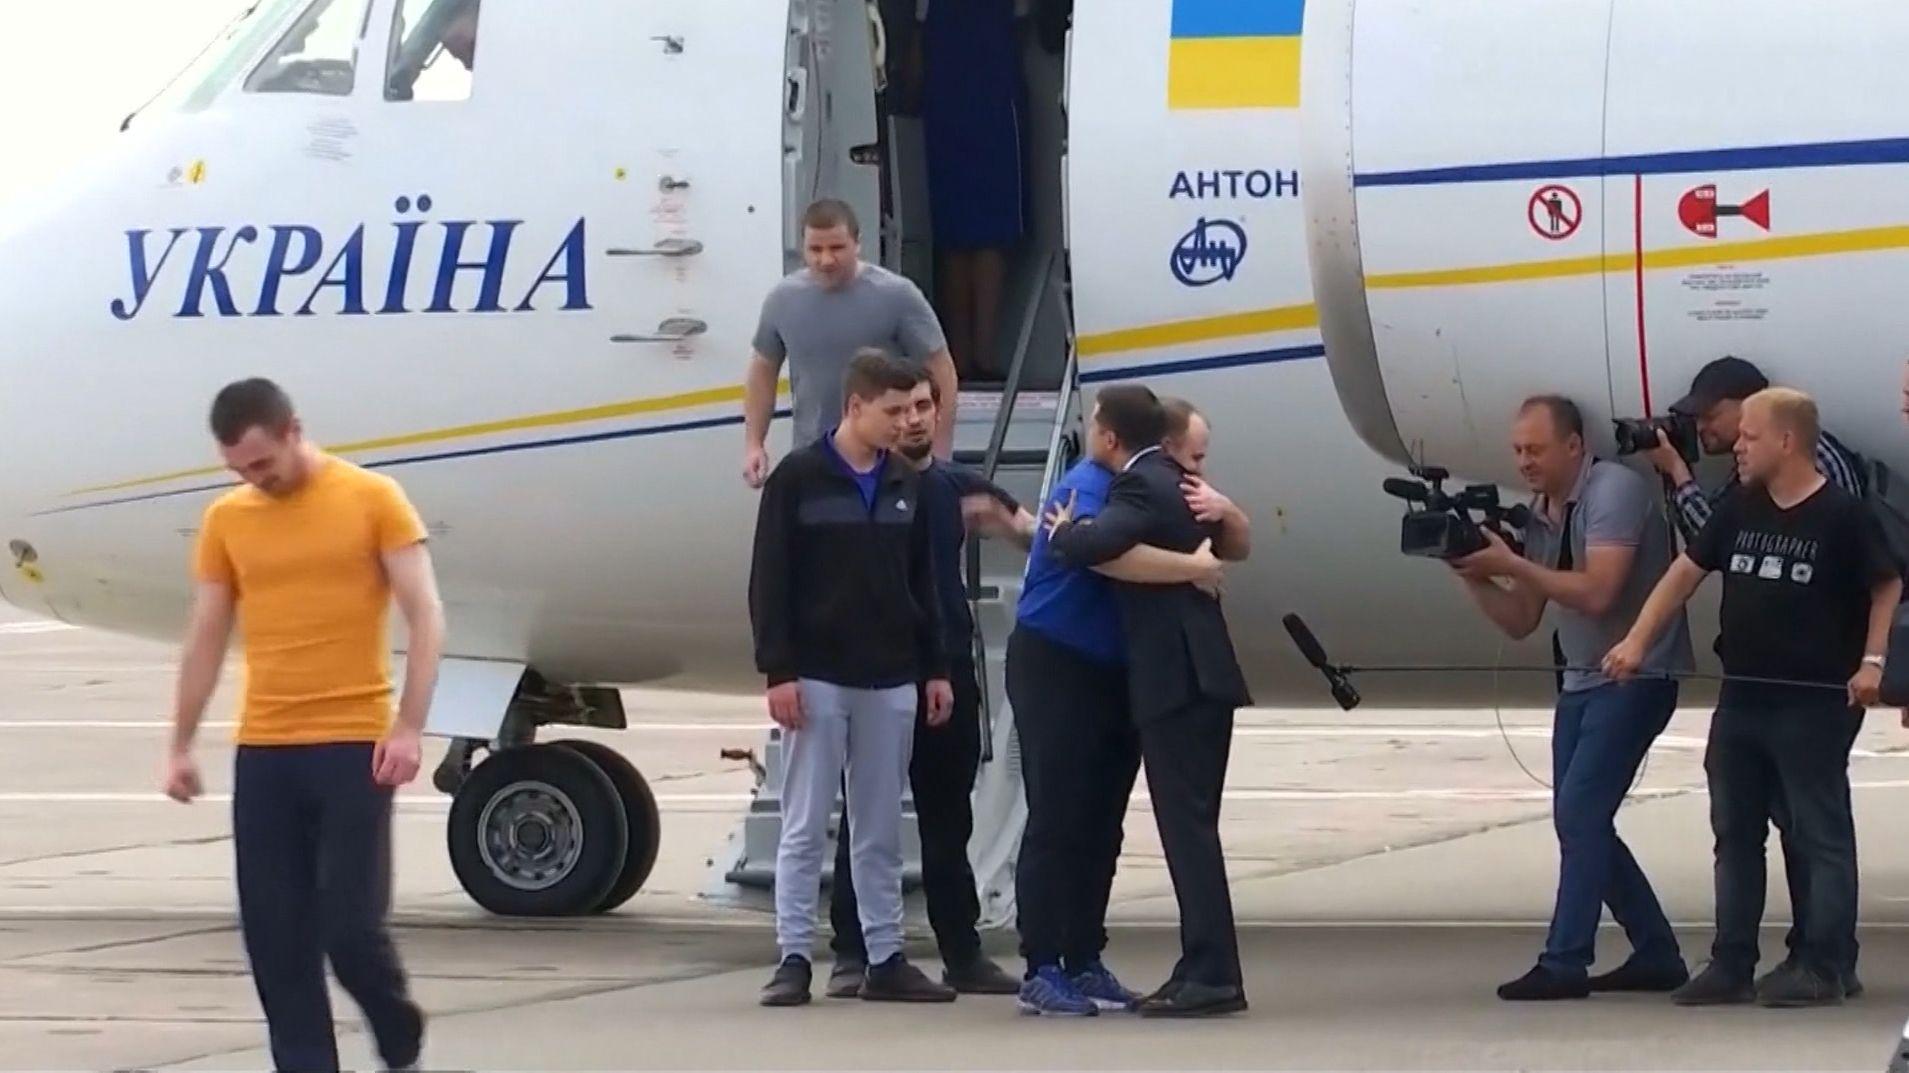 Gefangenenaustausch zwischen Russland und der Ukraine